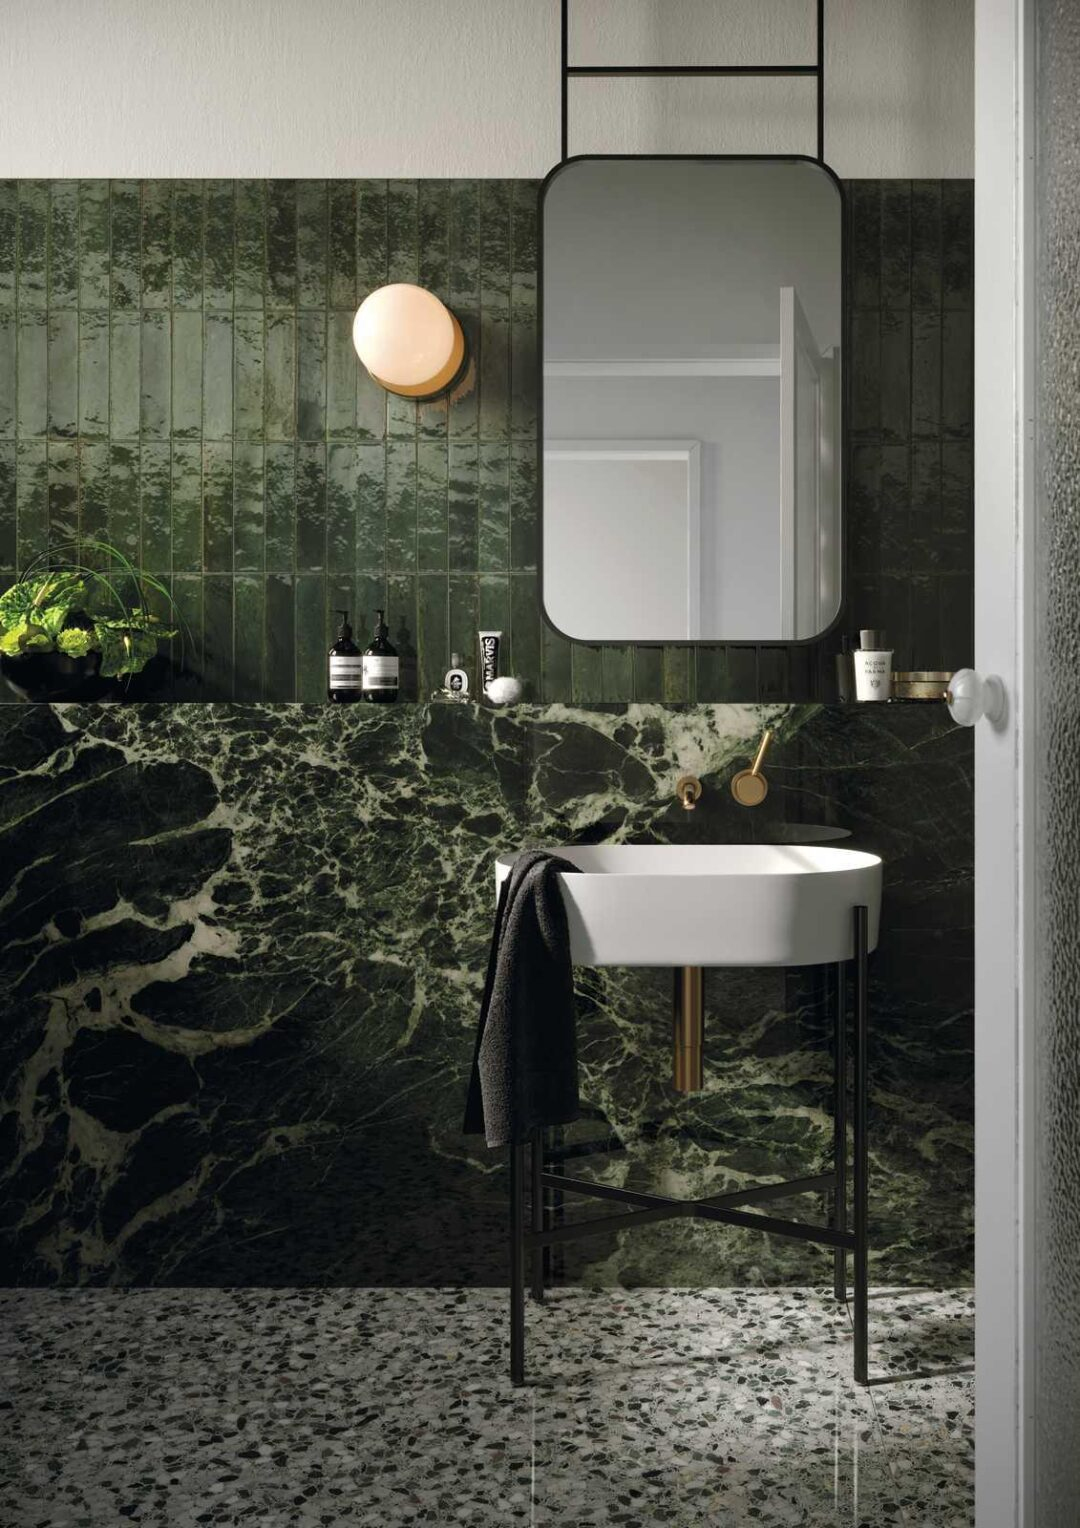 Carrelage en grès cérame, inspiration marbre et zellige pour la salle de bains